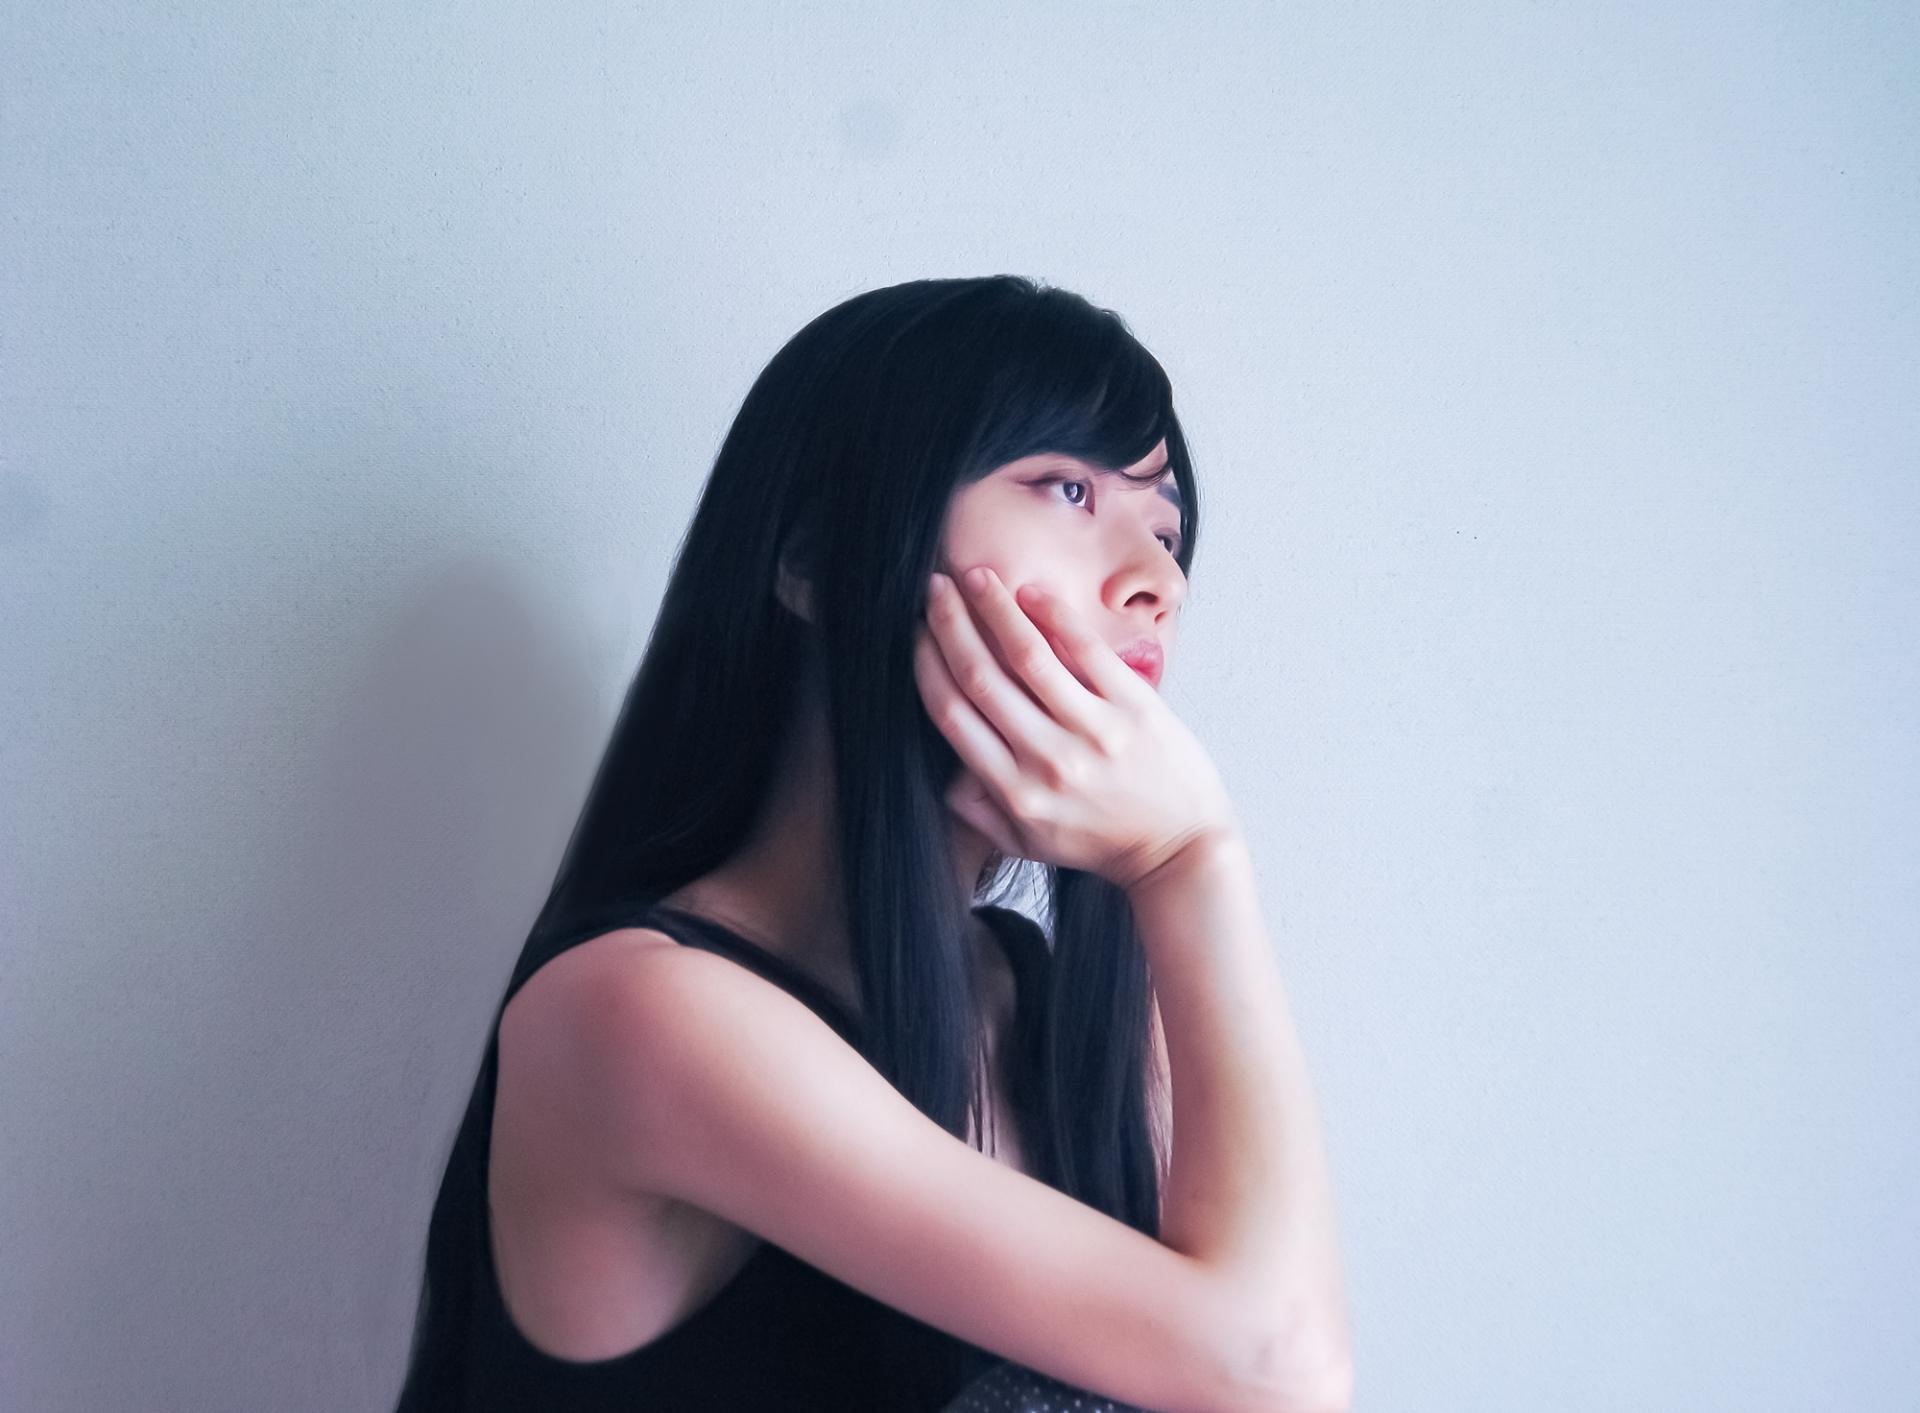 独身で不安だな…と女性が感じるのはどんな時?